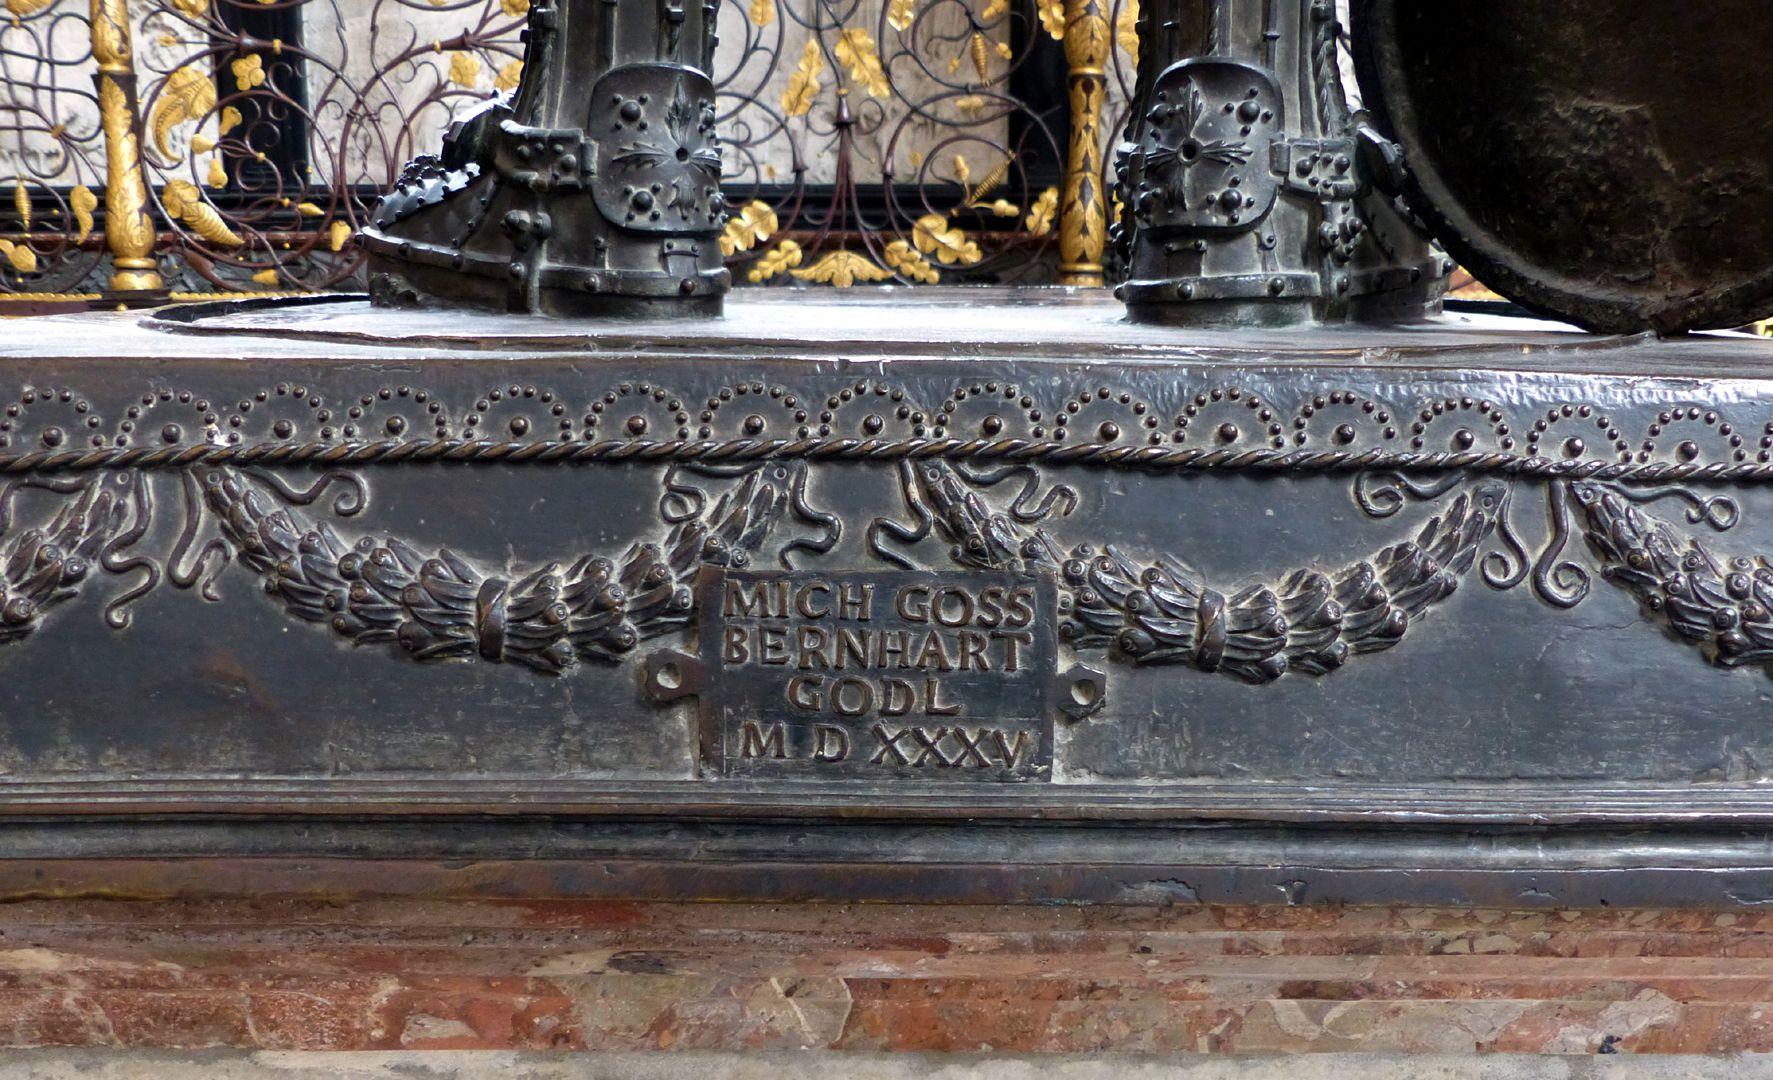 Ferdinand von Portugal (Innsbruck) Sockel mit Inschrift: MICH GOSS BERNHART GODL MDXXXV